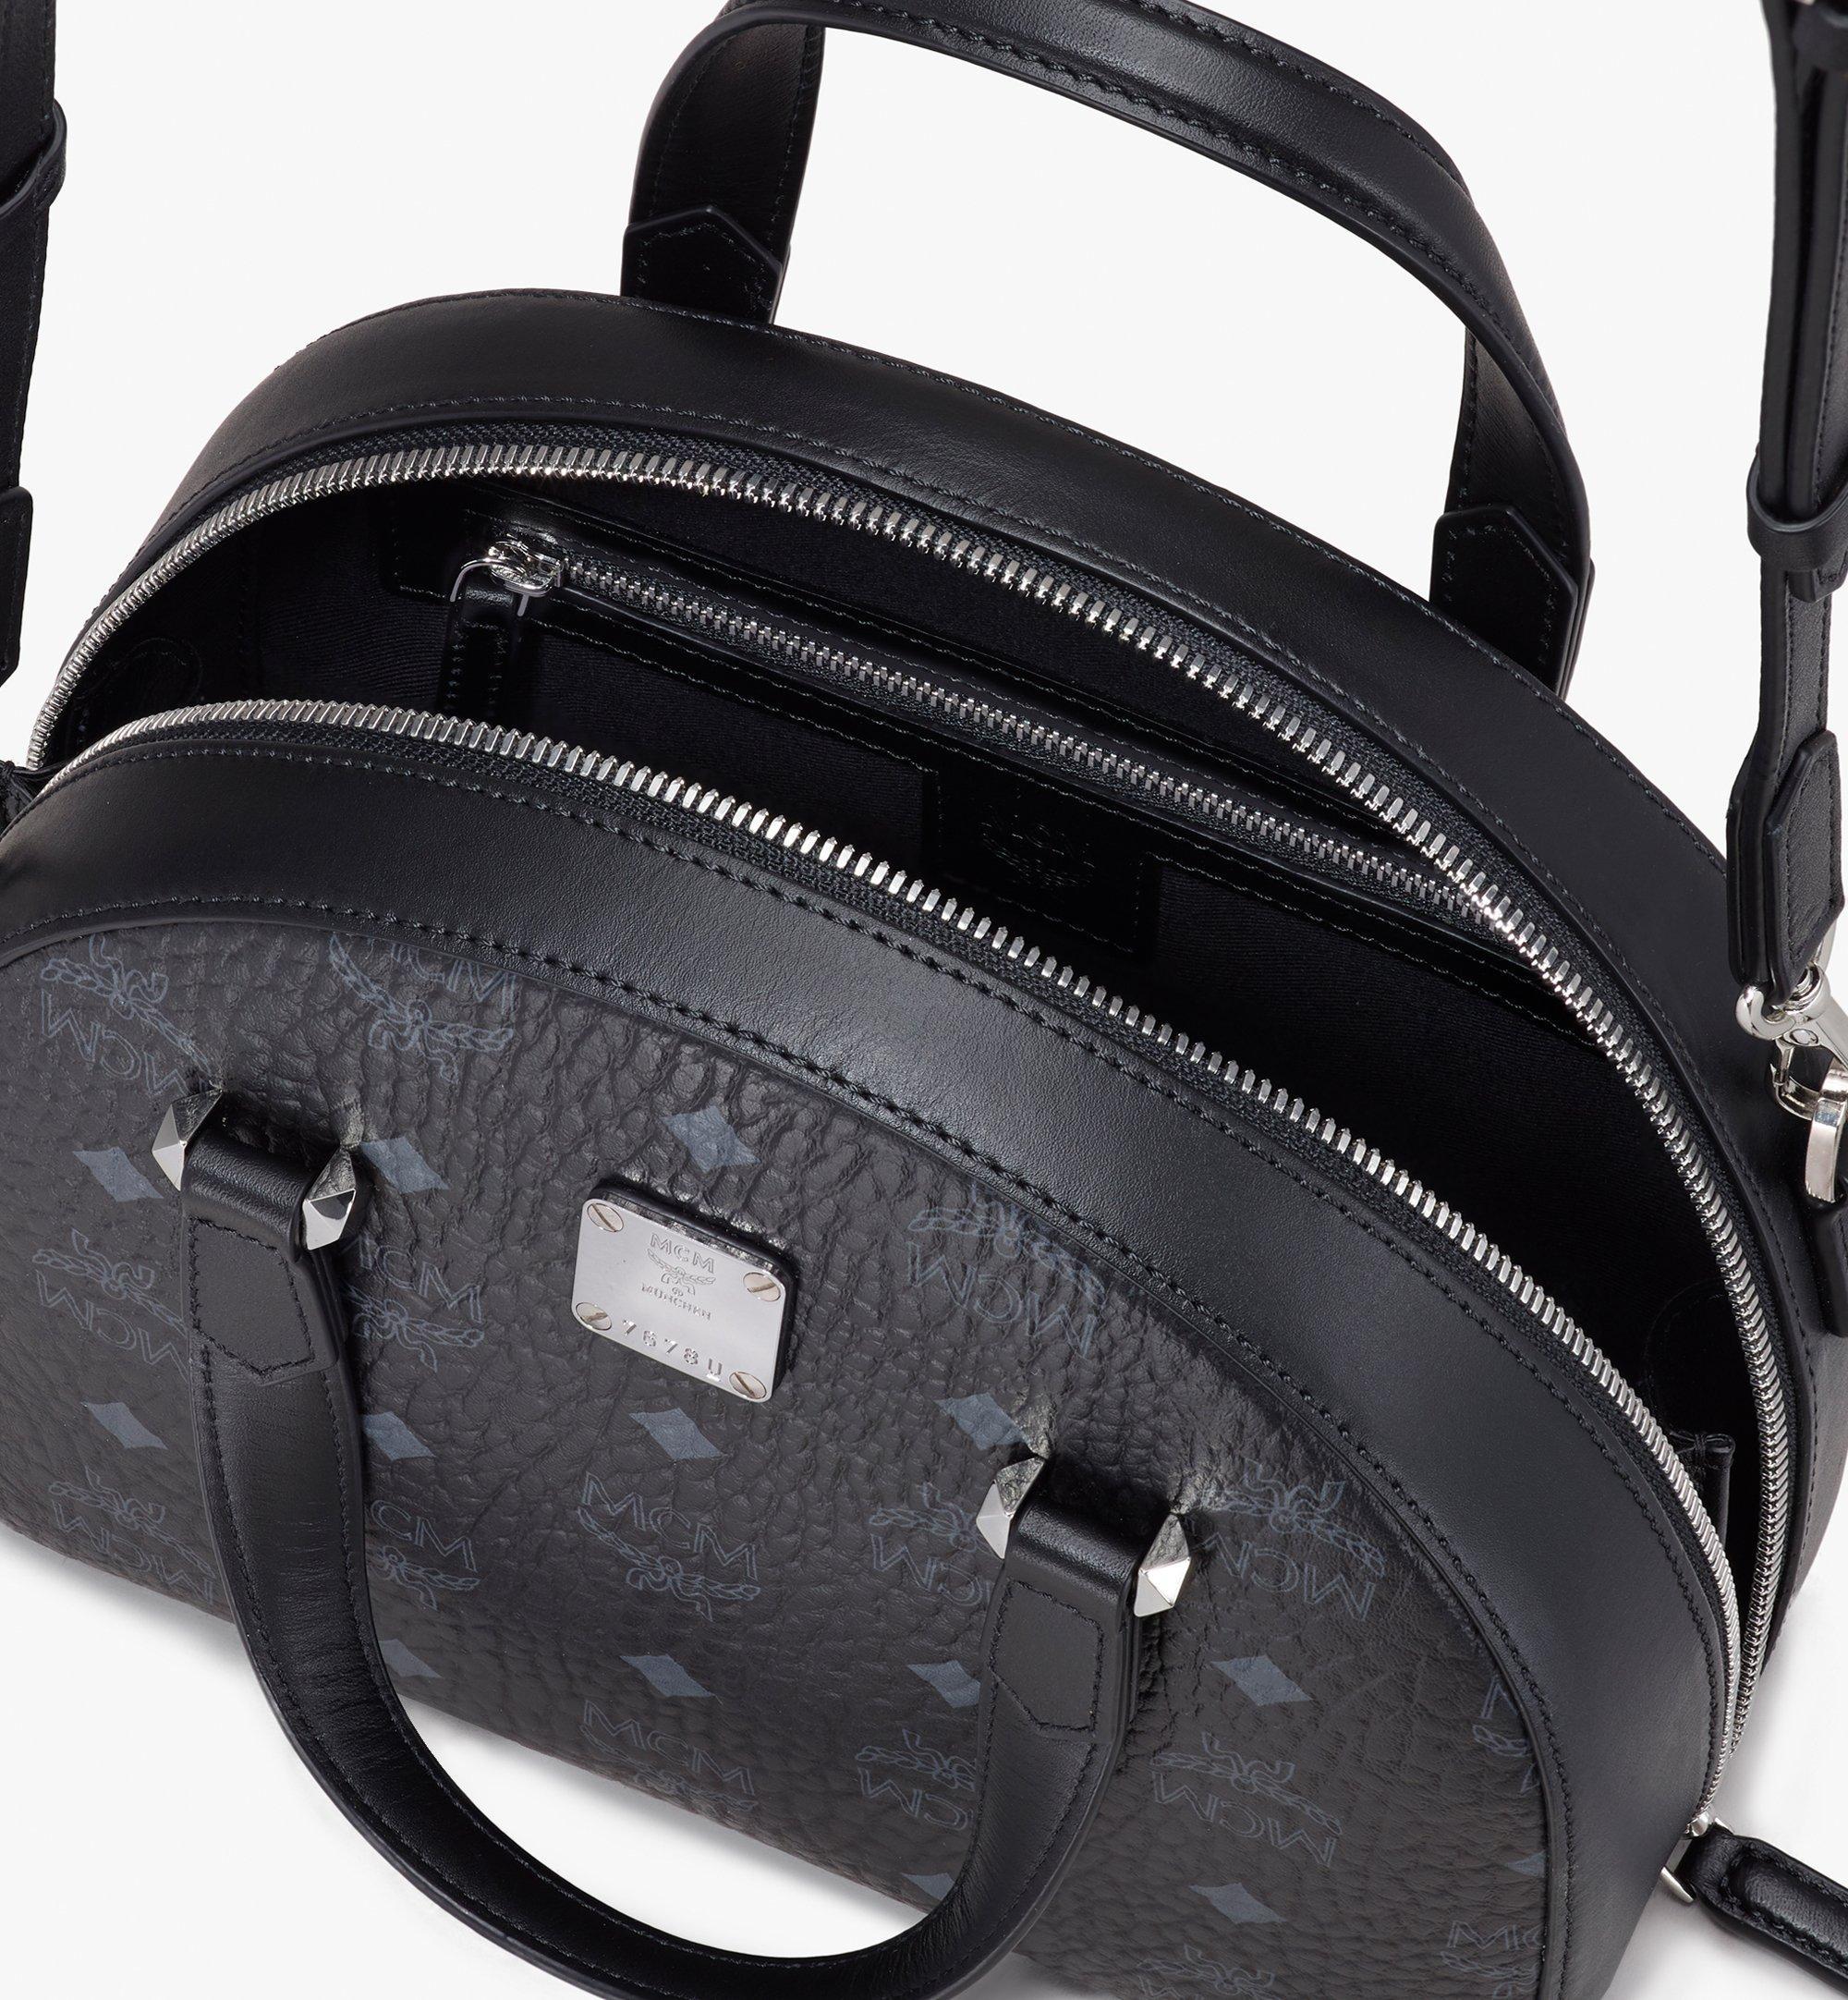 MCM 〈エッセンシャル〉ハーフムーン トートバッグ - ヴィセトス オリジナル Black MWTASSE19BK001 ほかの角度から見る 3